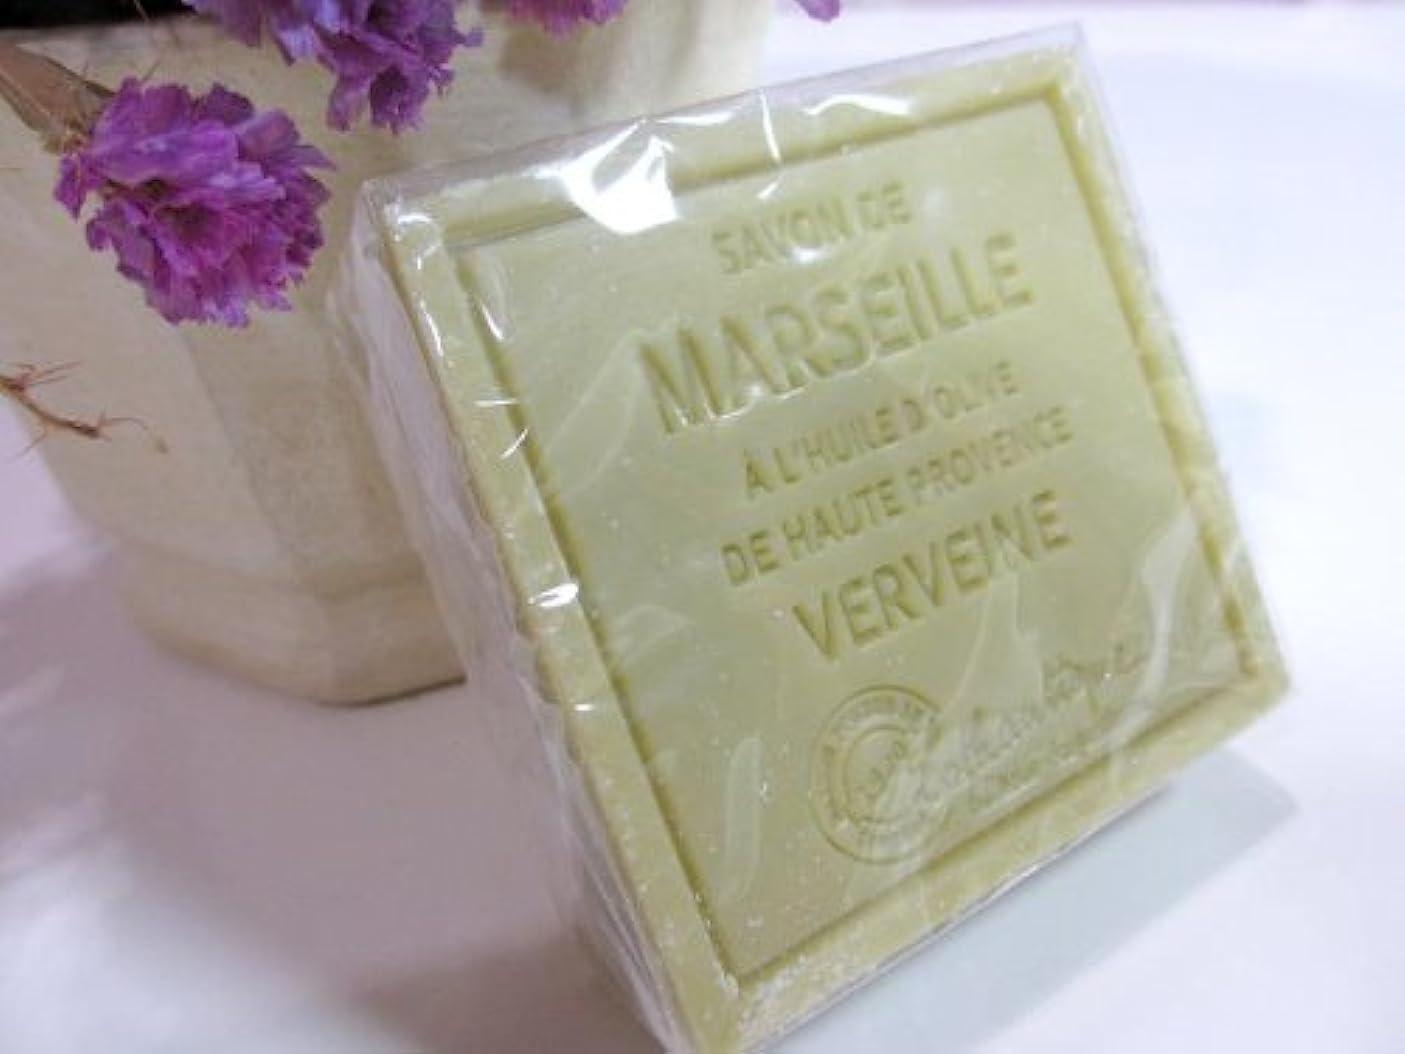 麻痺させる集中的な王朝Lothantique(ロタンティック) Les savons de Marseille(マルセイユソープ) マルセイユソープ 100g 「ベルベーヌ」 3420070038142